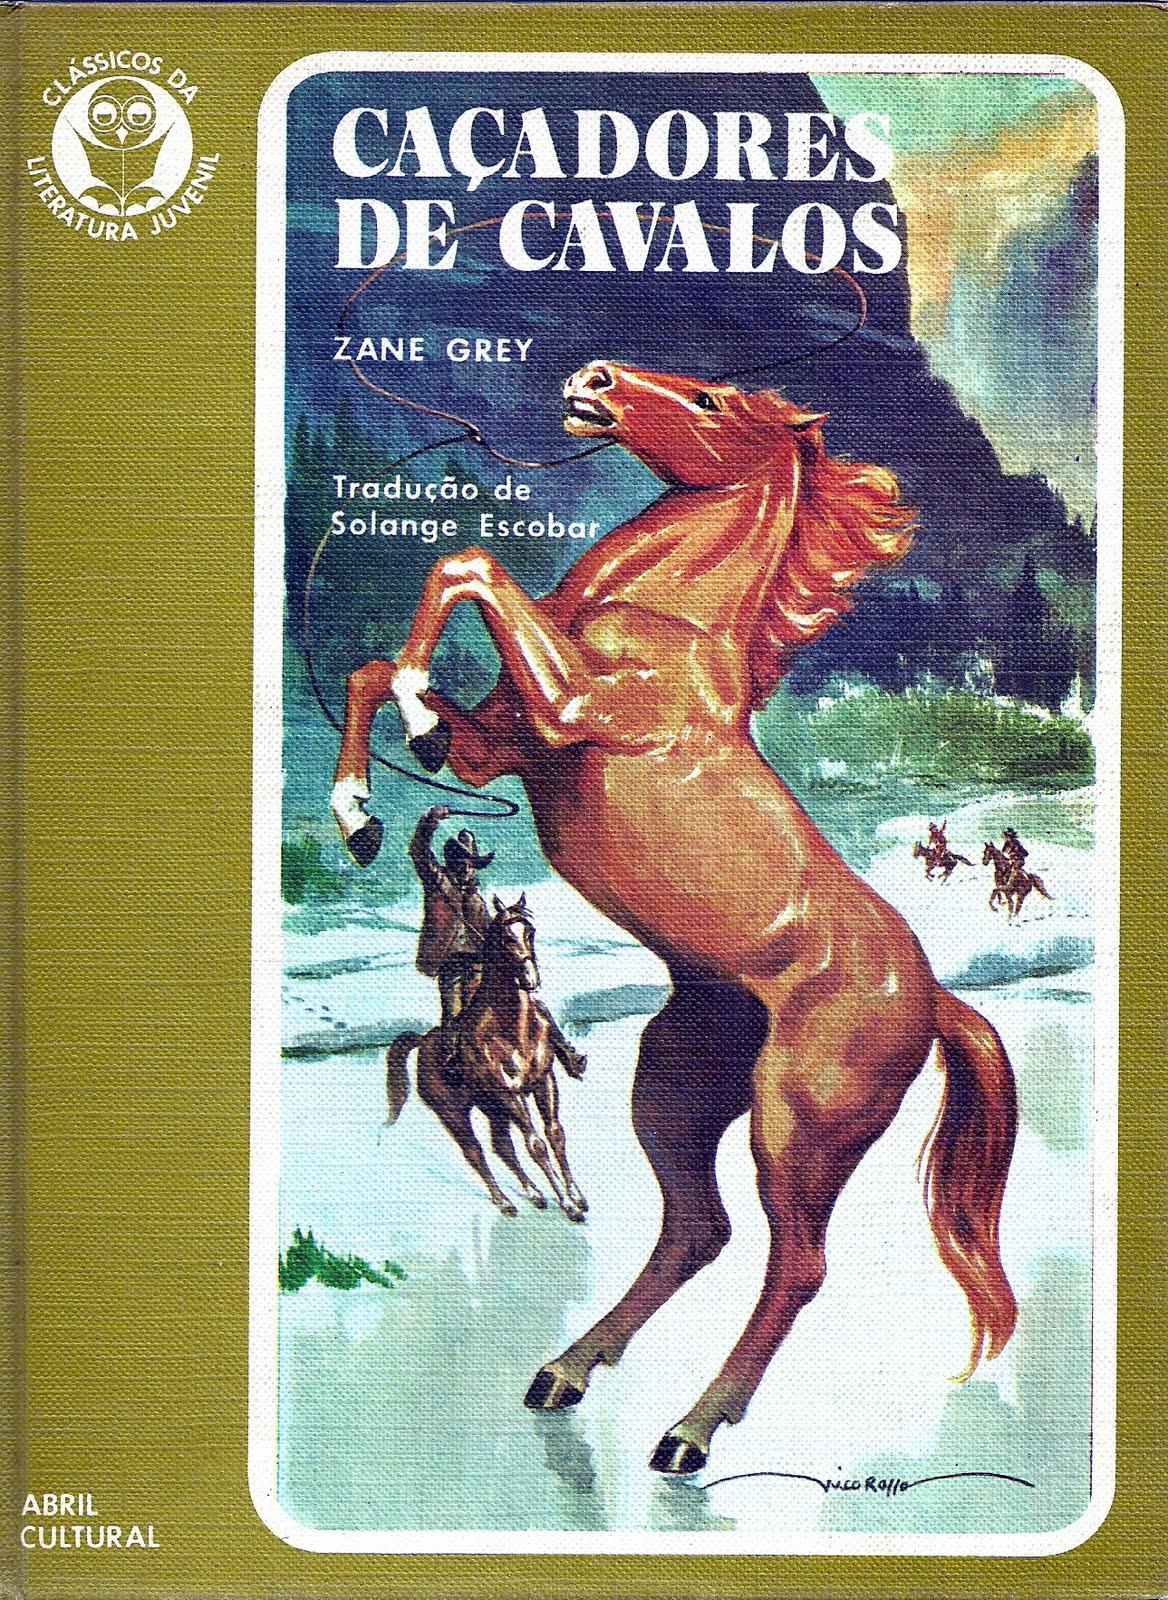 http://3.bp.blogspot.com/_2aETxj_Nfn4/TDKb7dUJjsI/AAAAAAAABeI/5akRPNbMSME/s1600/Volume+25+-+Caçadores+de+Cavalos.jpg